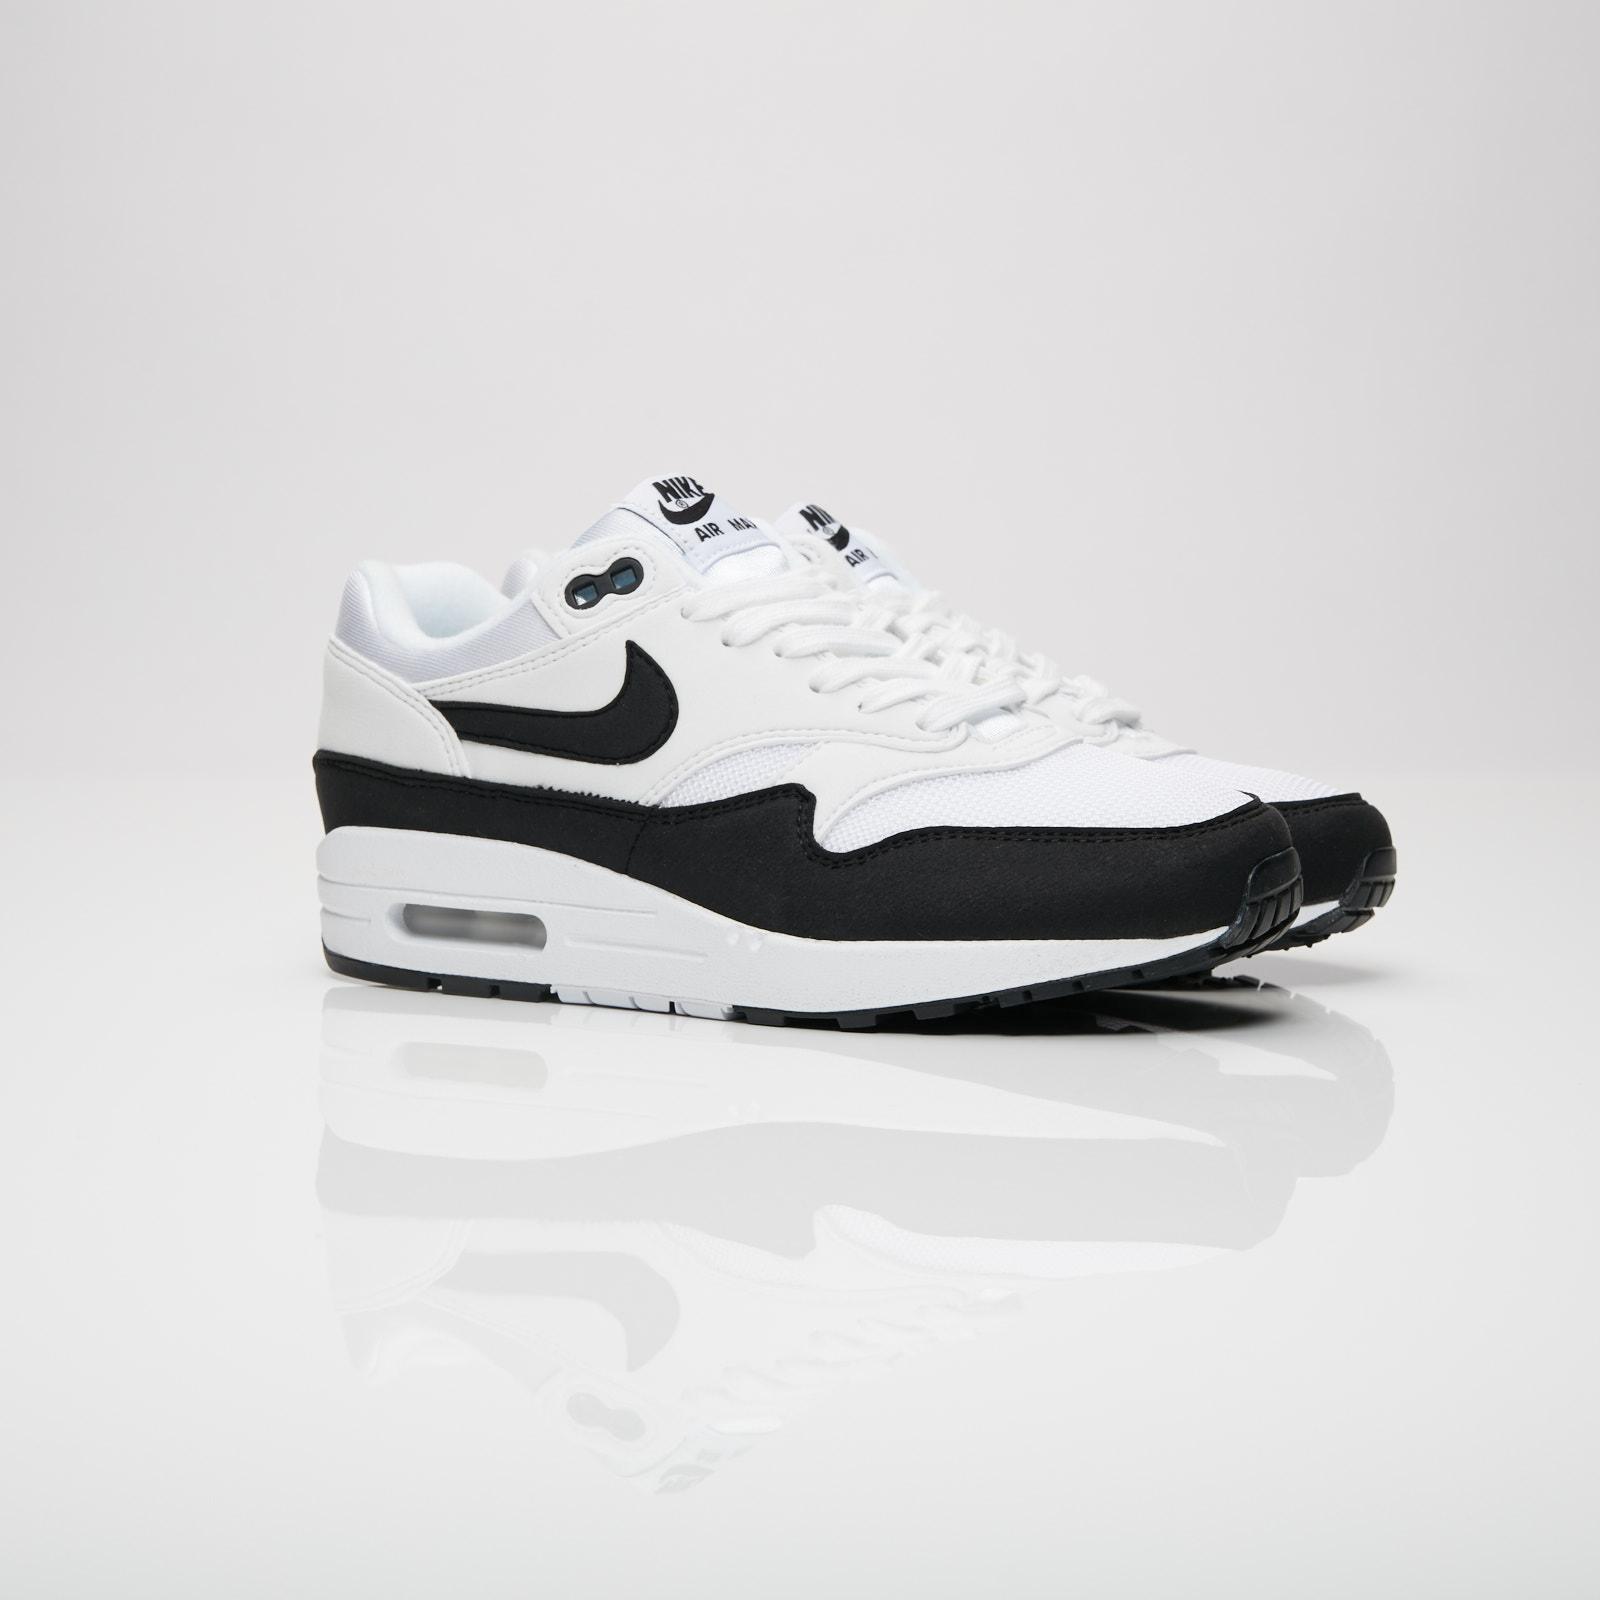 Nike Wmns Air Max 1 319986 109 Sneakersnstuff | sneakers